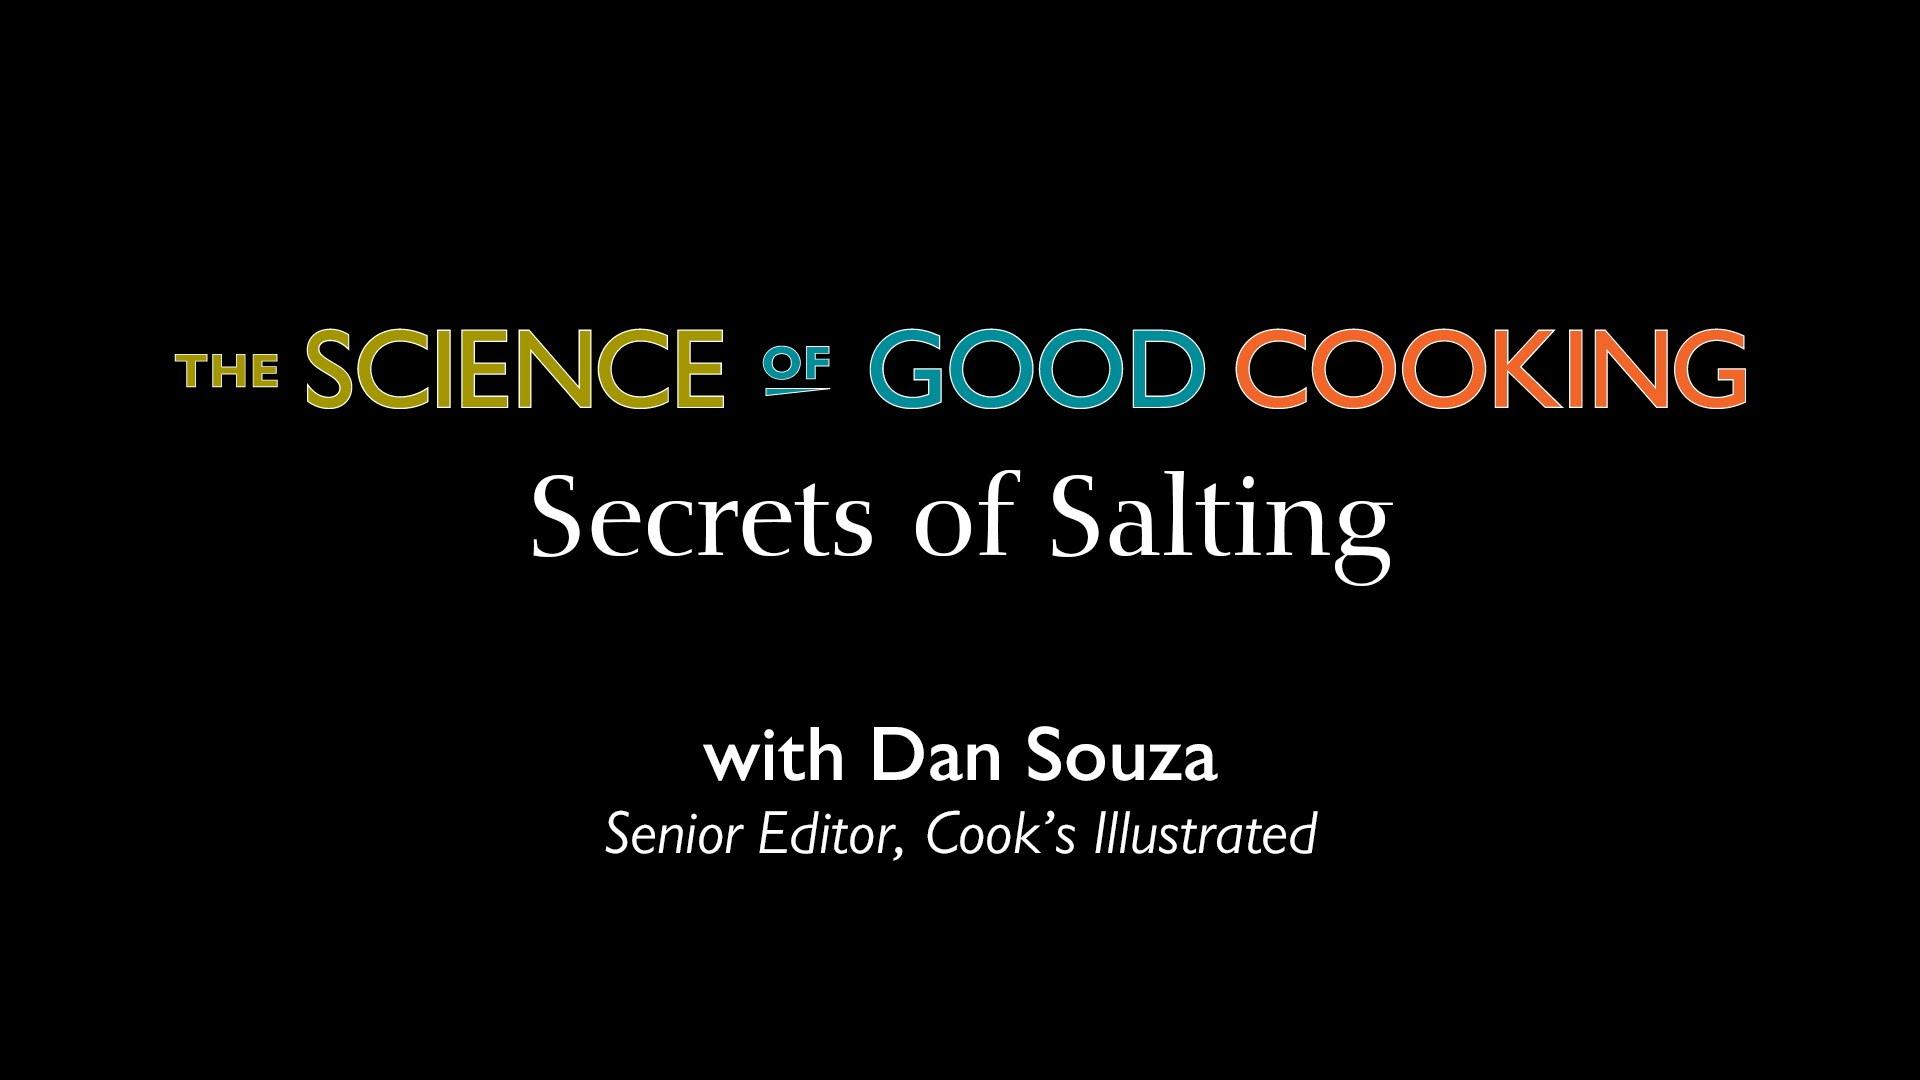 Дали цял живот солите ястията по грешния начин? Ето доказателството